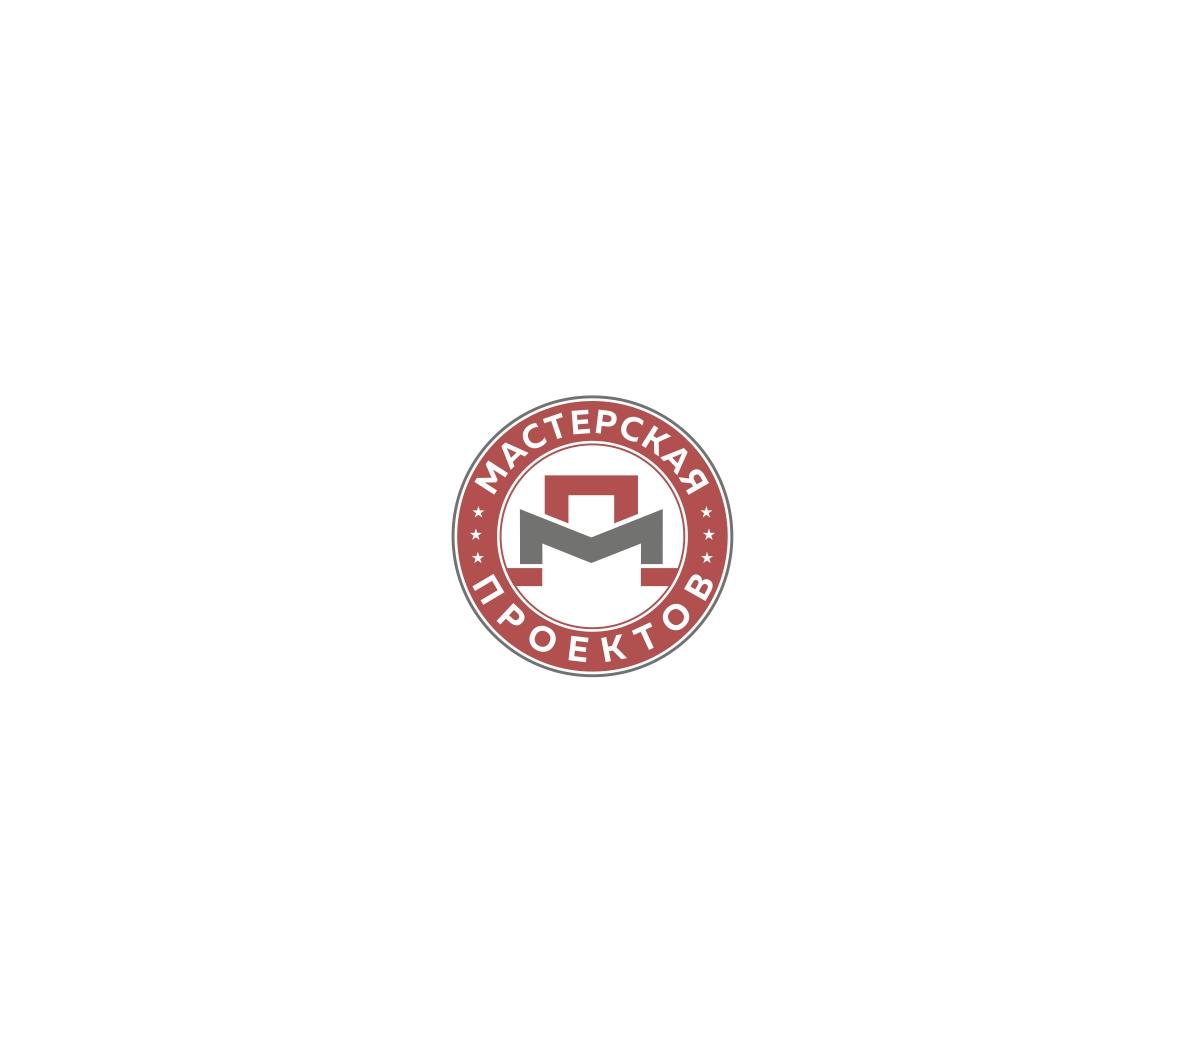 Разработка логотипа строительно-мебельного проекта (см. опис фото f_269606c5b306da0d.jpg